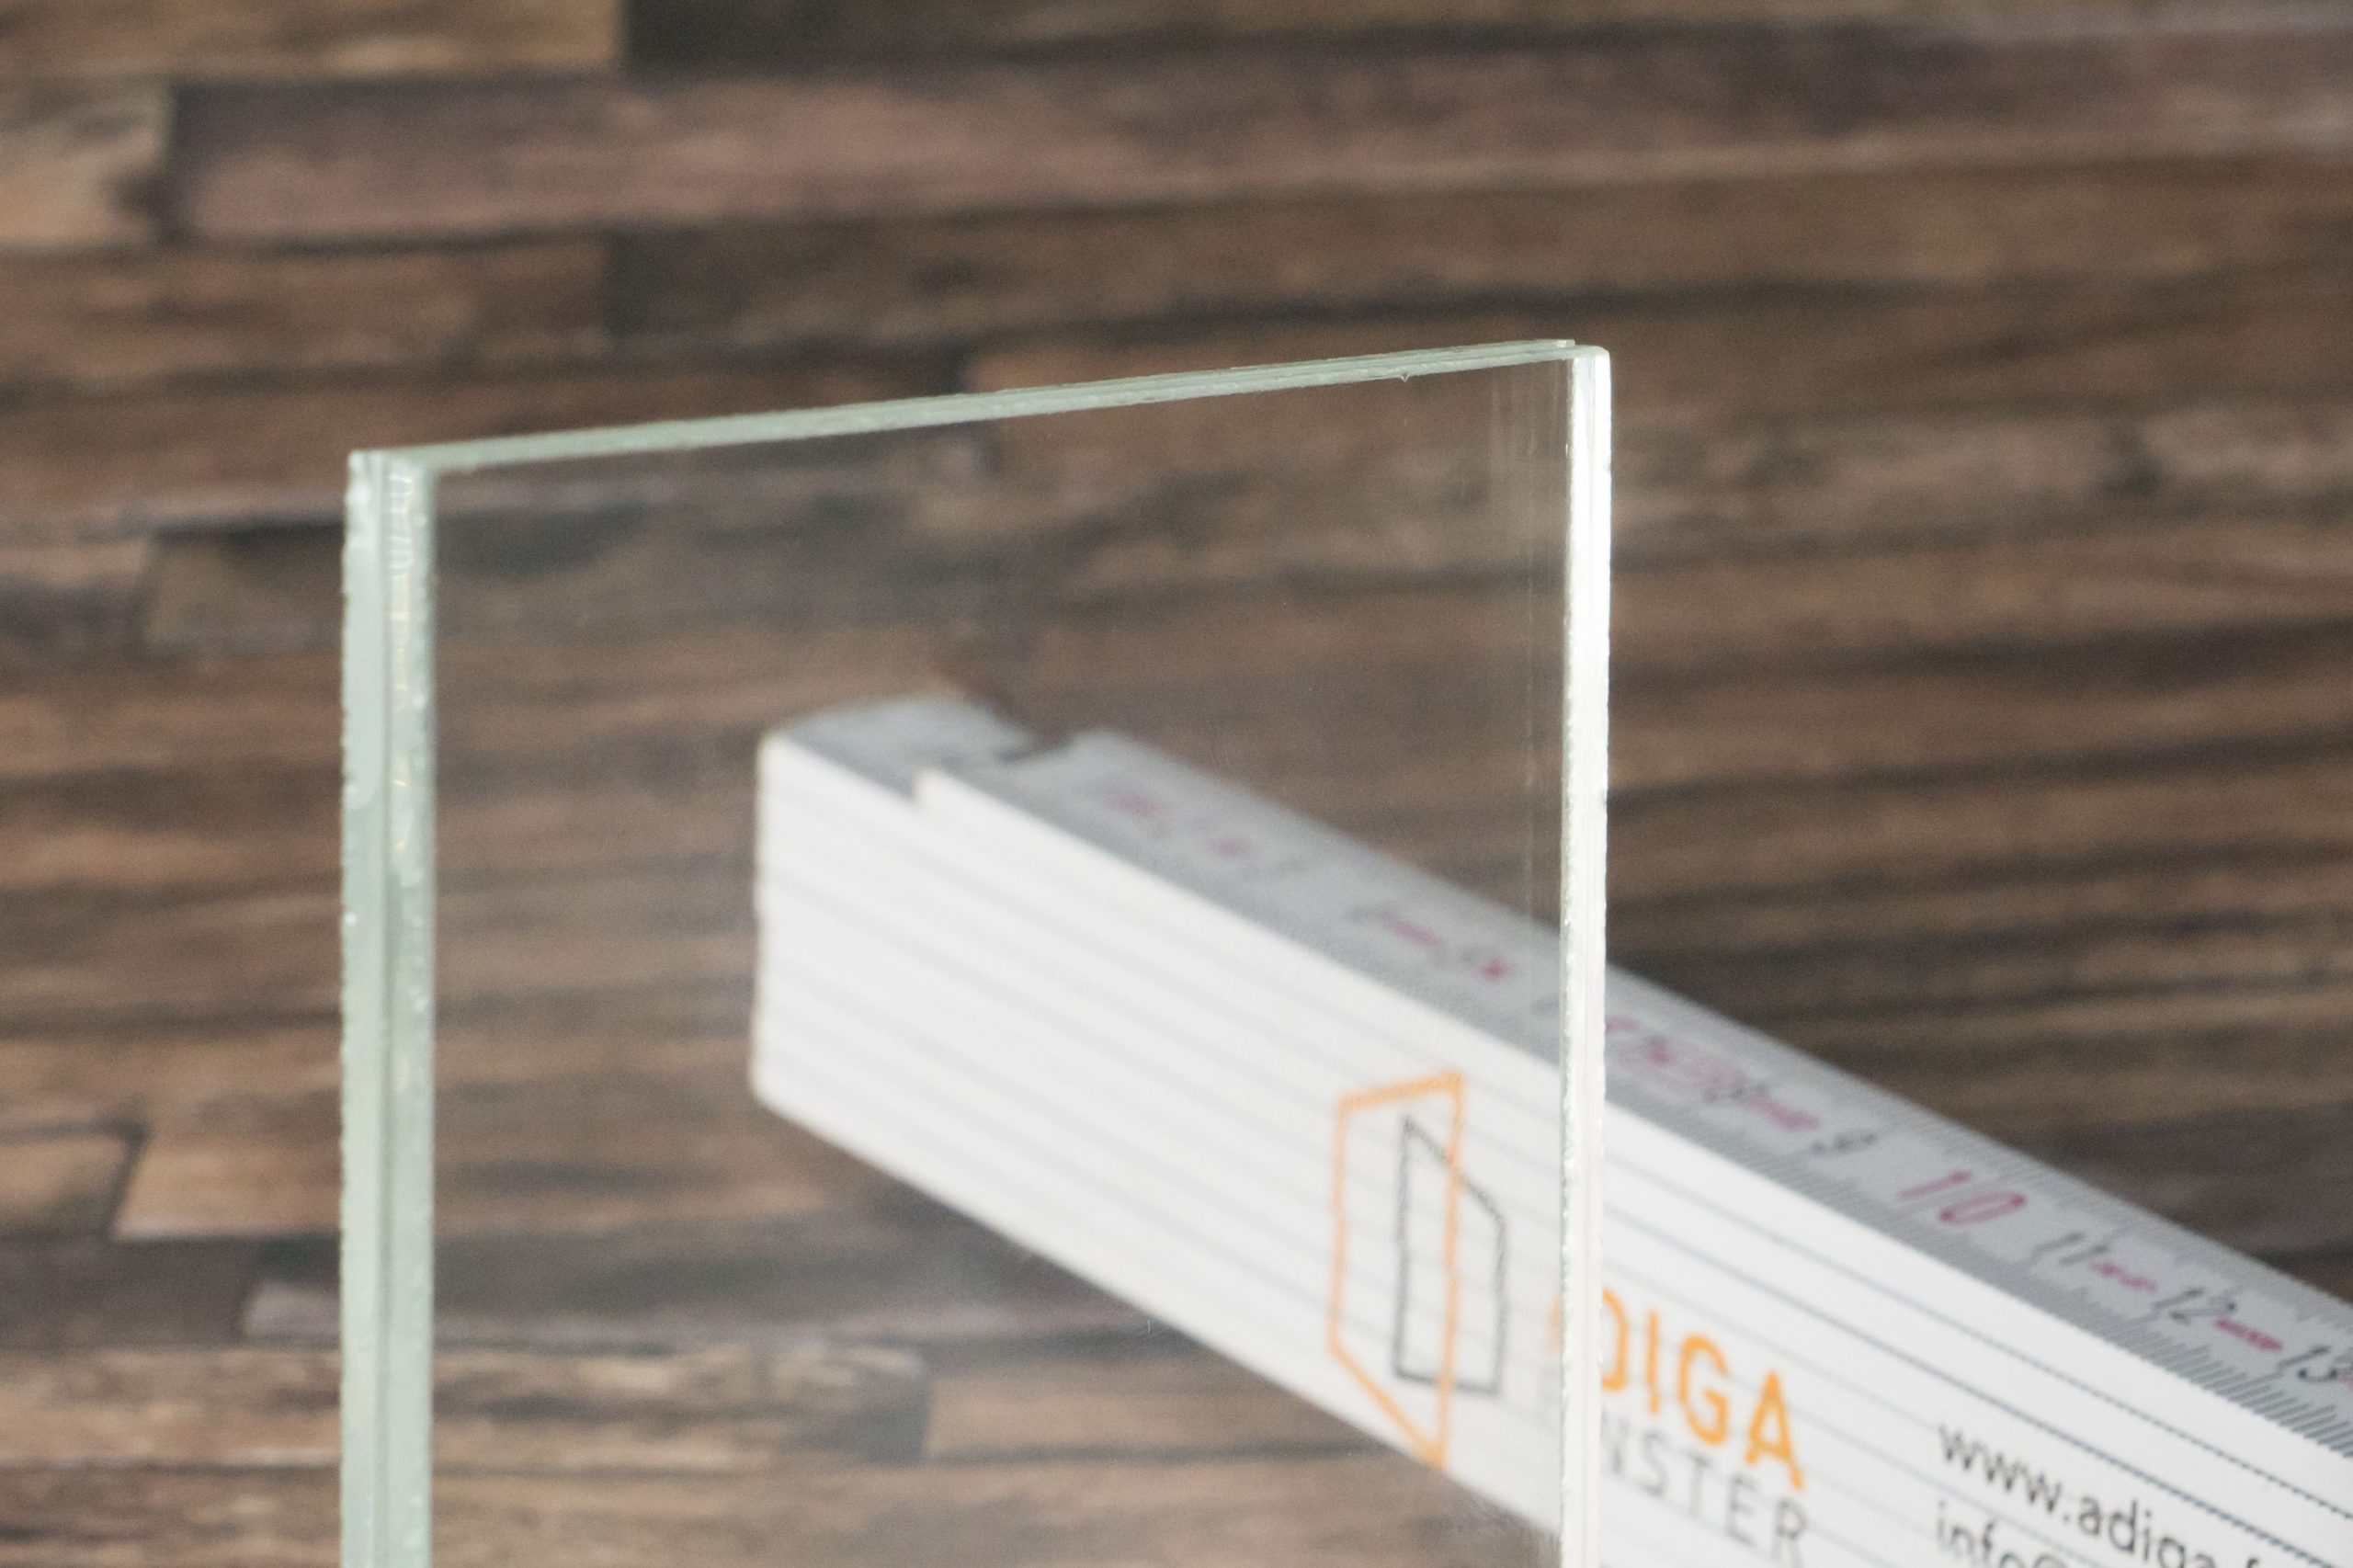 Full Size of Einbruchschutz Fenster Folie Kaufen Verbundsicherheitsglas Vsg Dient Als Sicherheitsglas Zwei Einbruchschutzfolie Sicherheitsfolie Insektenschutzrollo Roro Fenster Einbruchschutz Fenster Folie